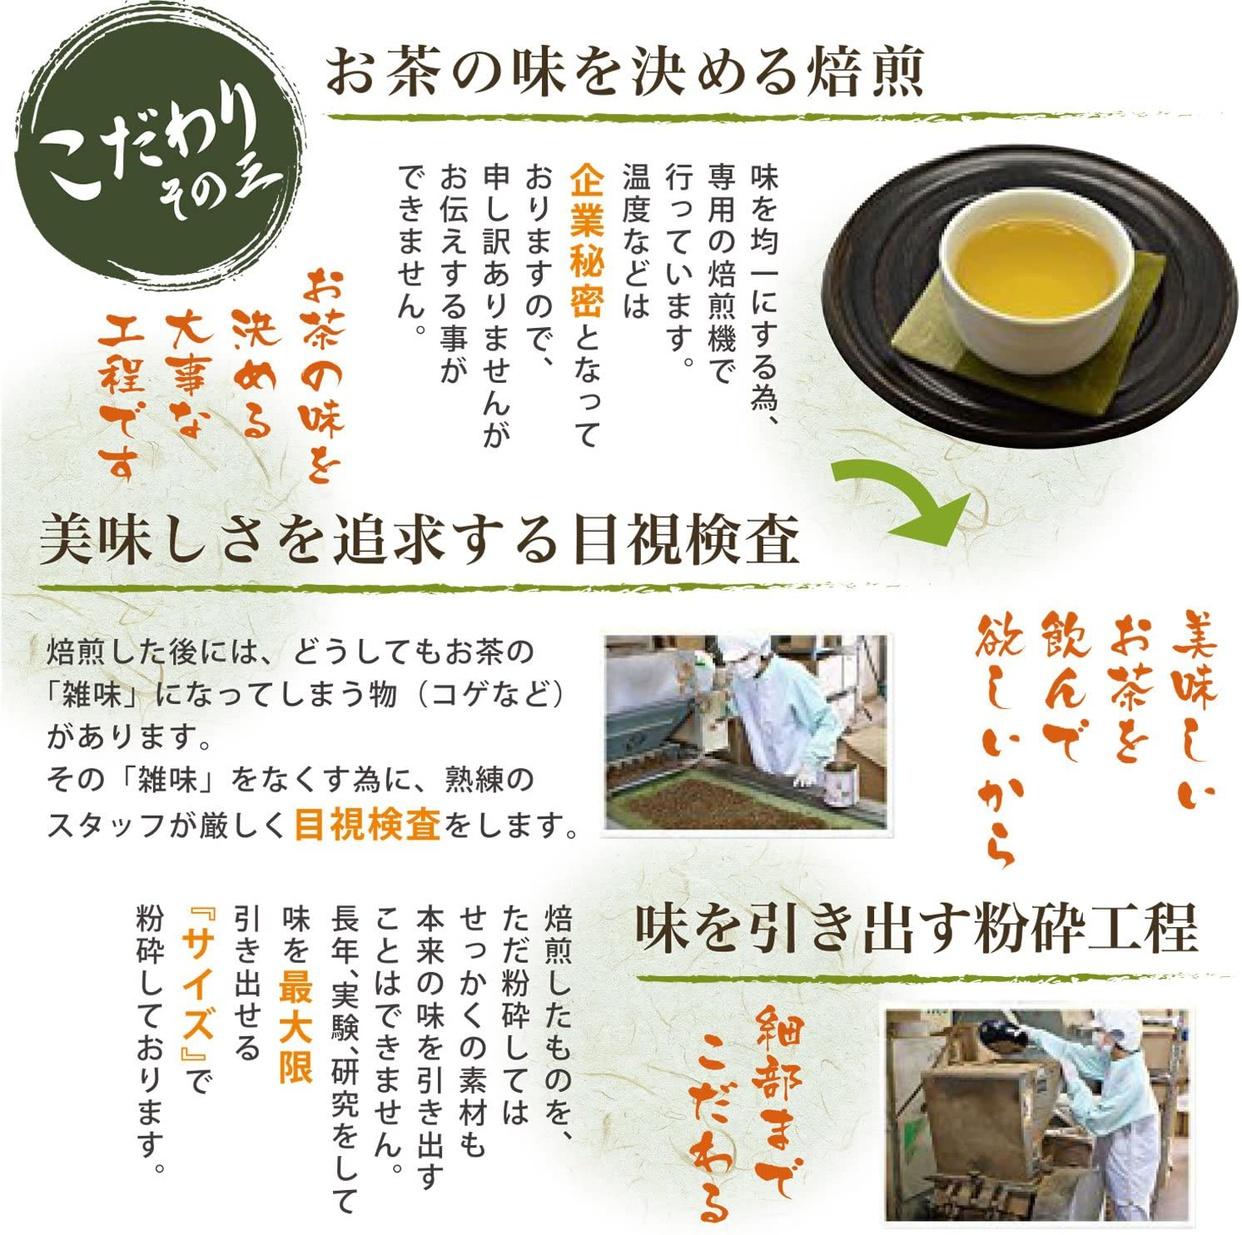 がばい農園 国産 赤なた豆茶の商品画像6